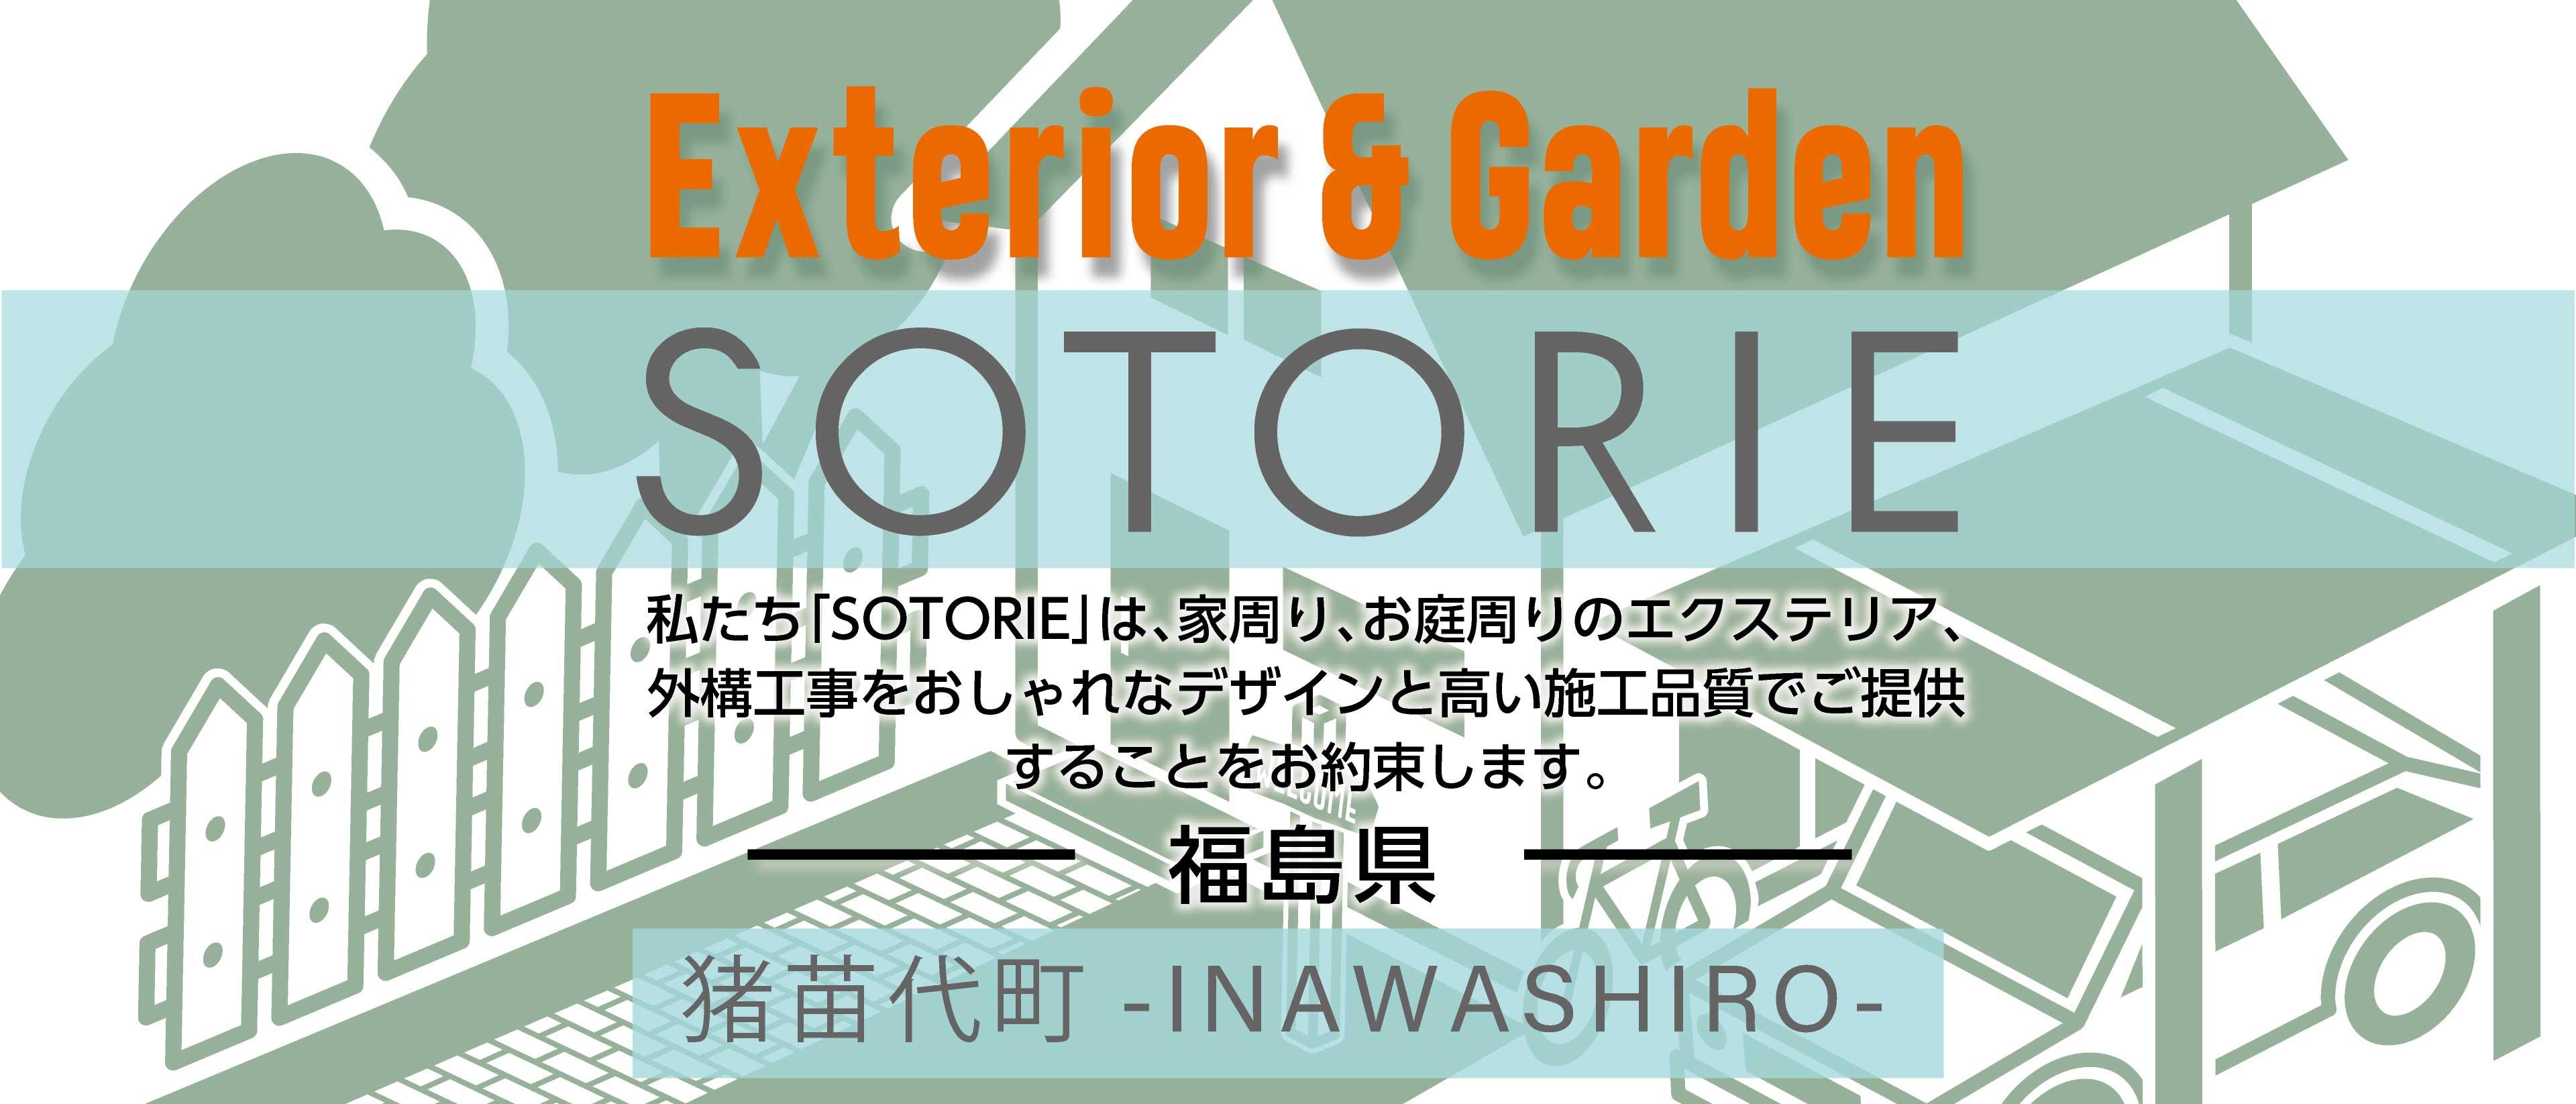 ソトリエ猪苗代町では、家周りと庭周りの外構、エクステリア工事をおしゃれなデザインと高い施工品質でご提供することをお約束します。